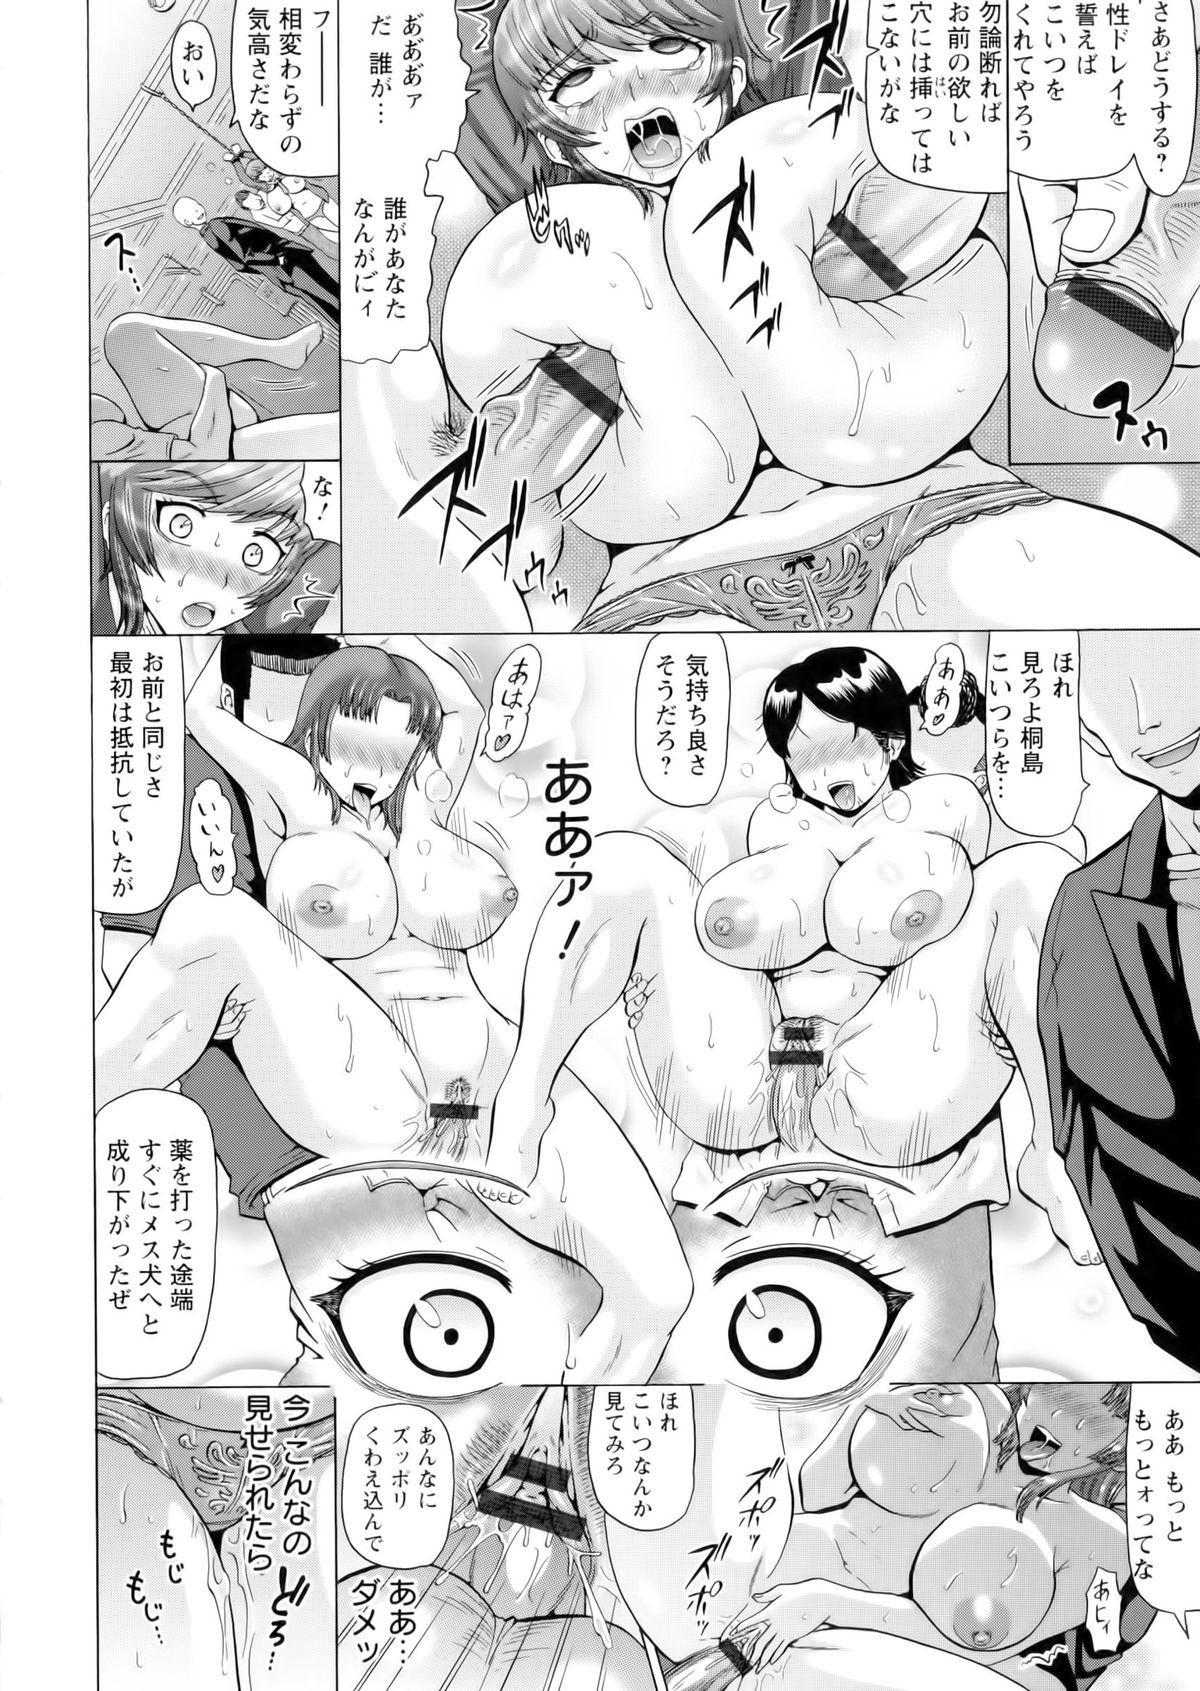 Hameana Jirashi Ketsu Naburi 13